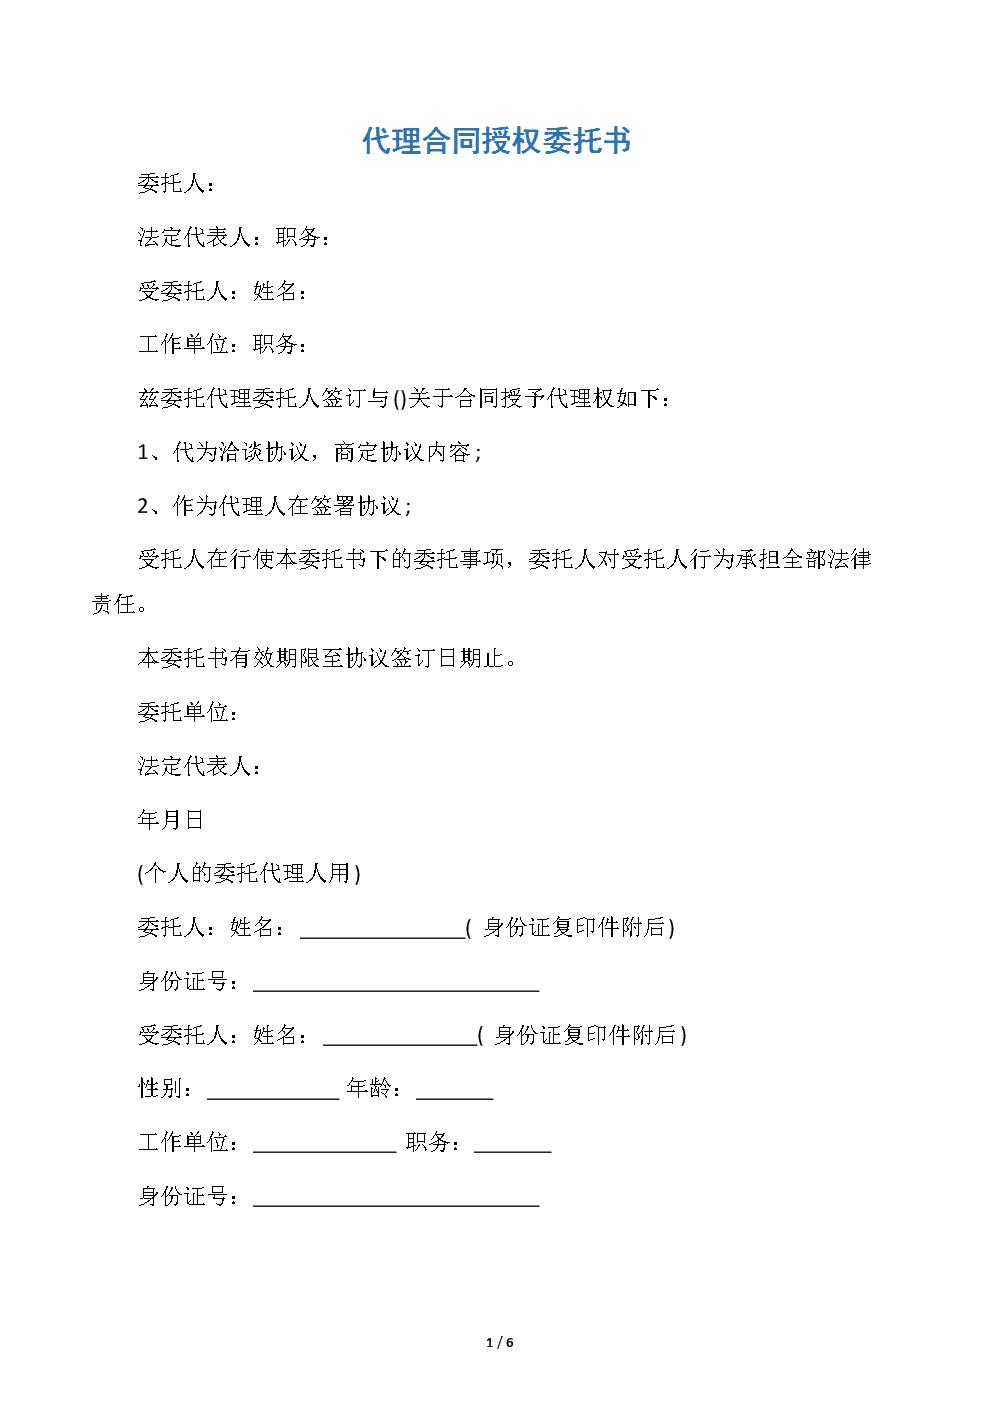 代理合同授权委托书.docx